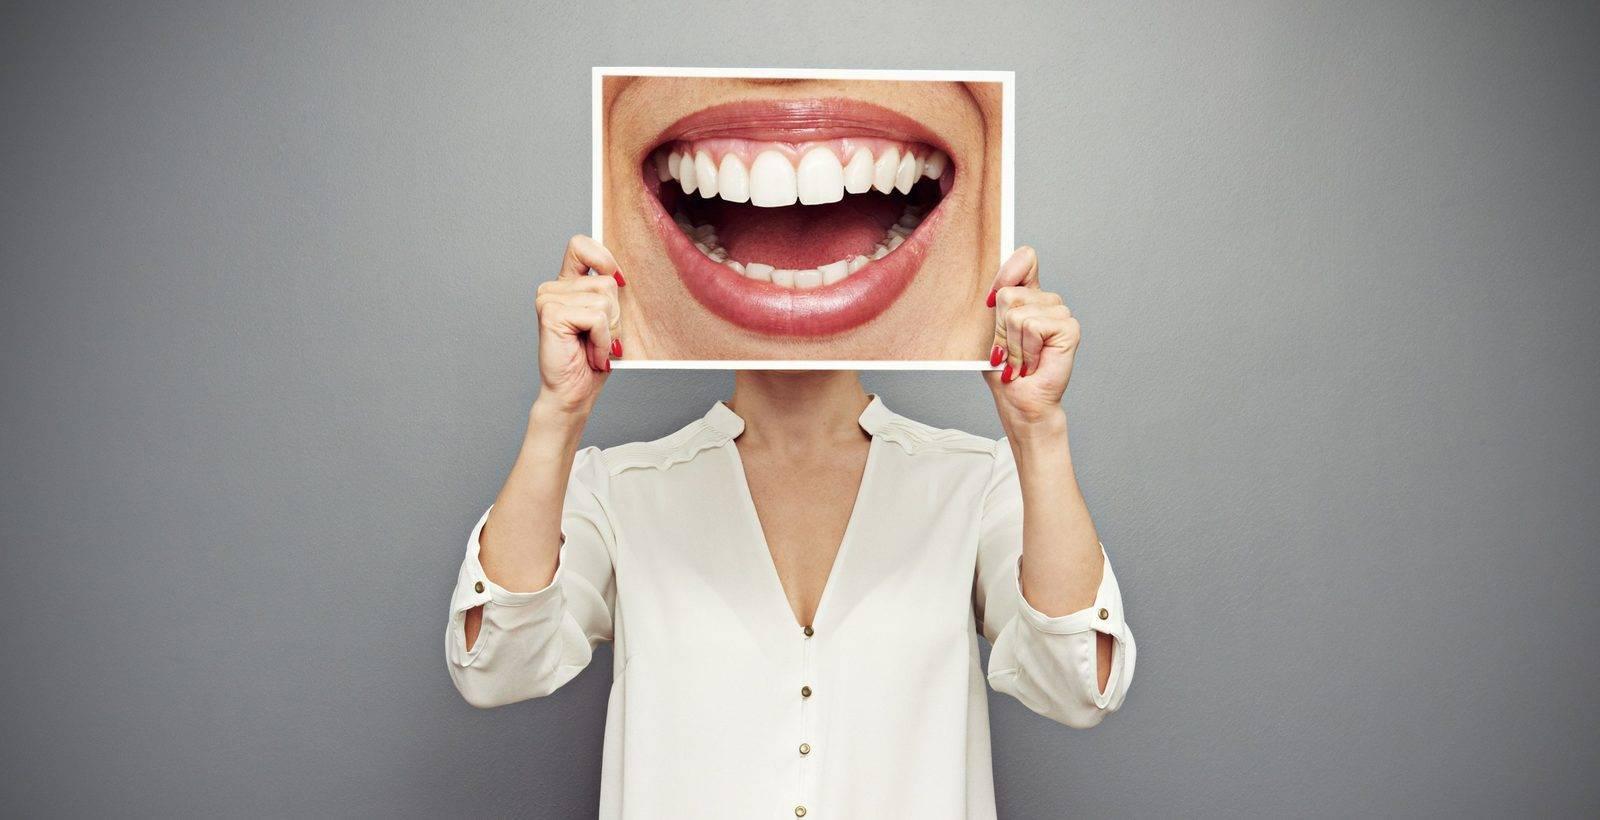 Можно ли курить айкос после отбеливания зубов | wine & water